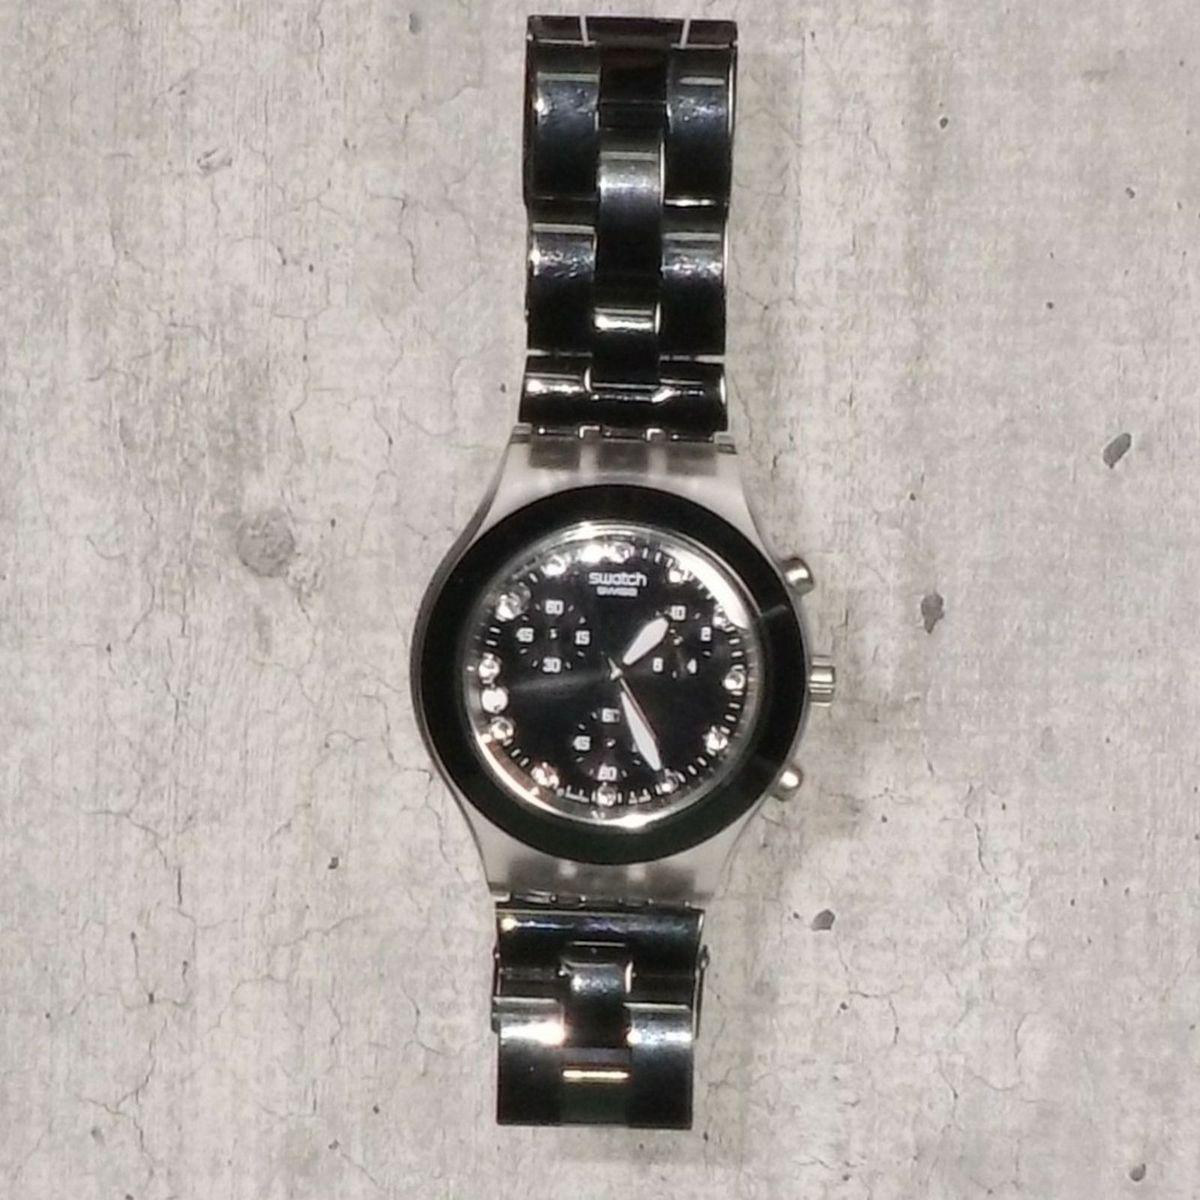 6a5cd05195e Relógio Preto Swatch